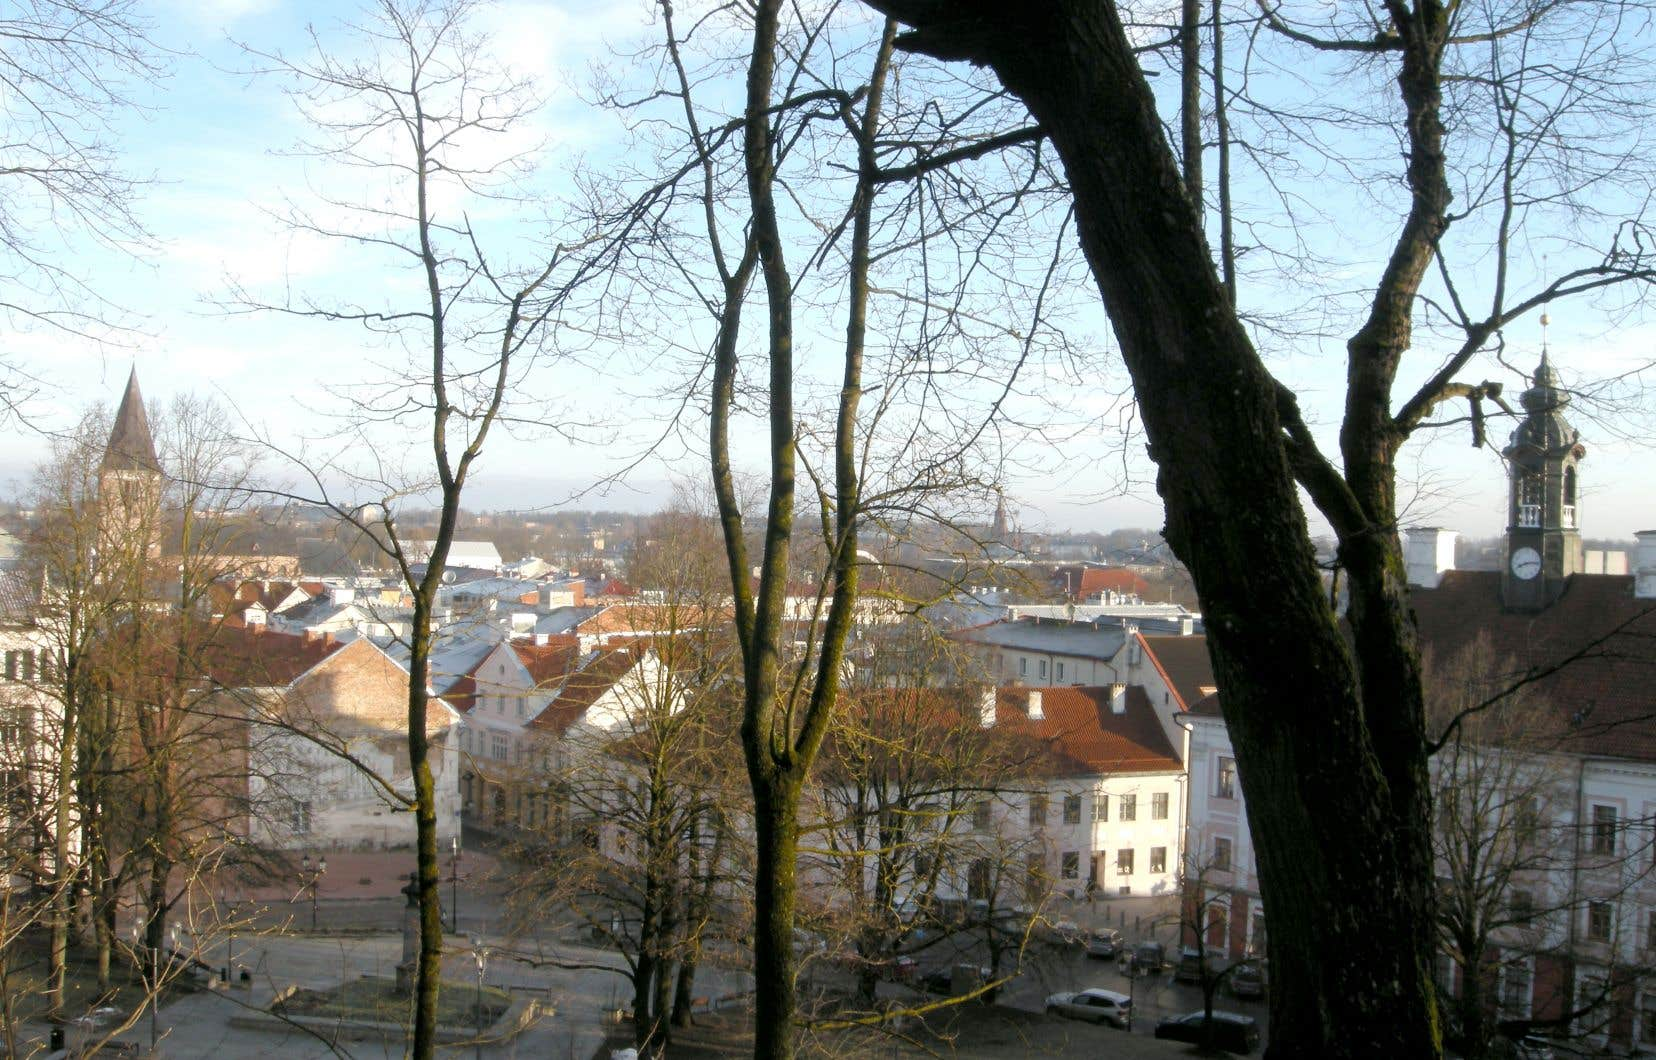 Tartu, deuxième ville d'Estonie, après la capitale, Tallinn, où des quartiers complets de maisons sont construites en bois.